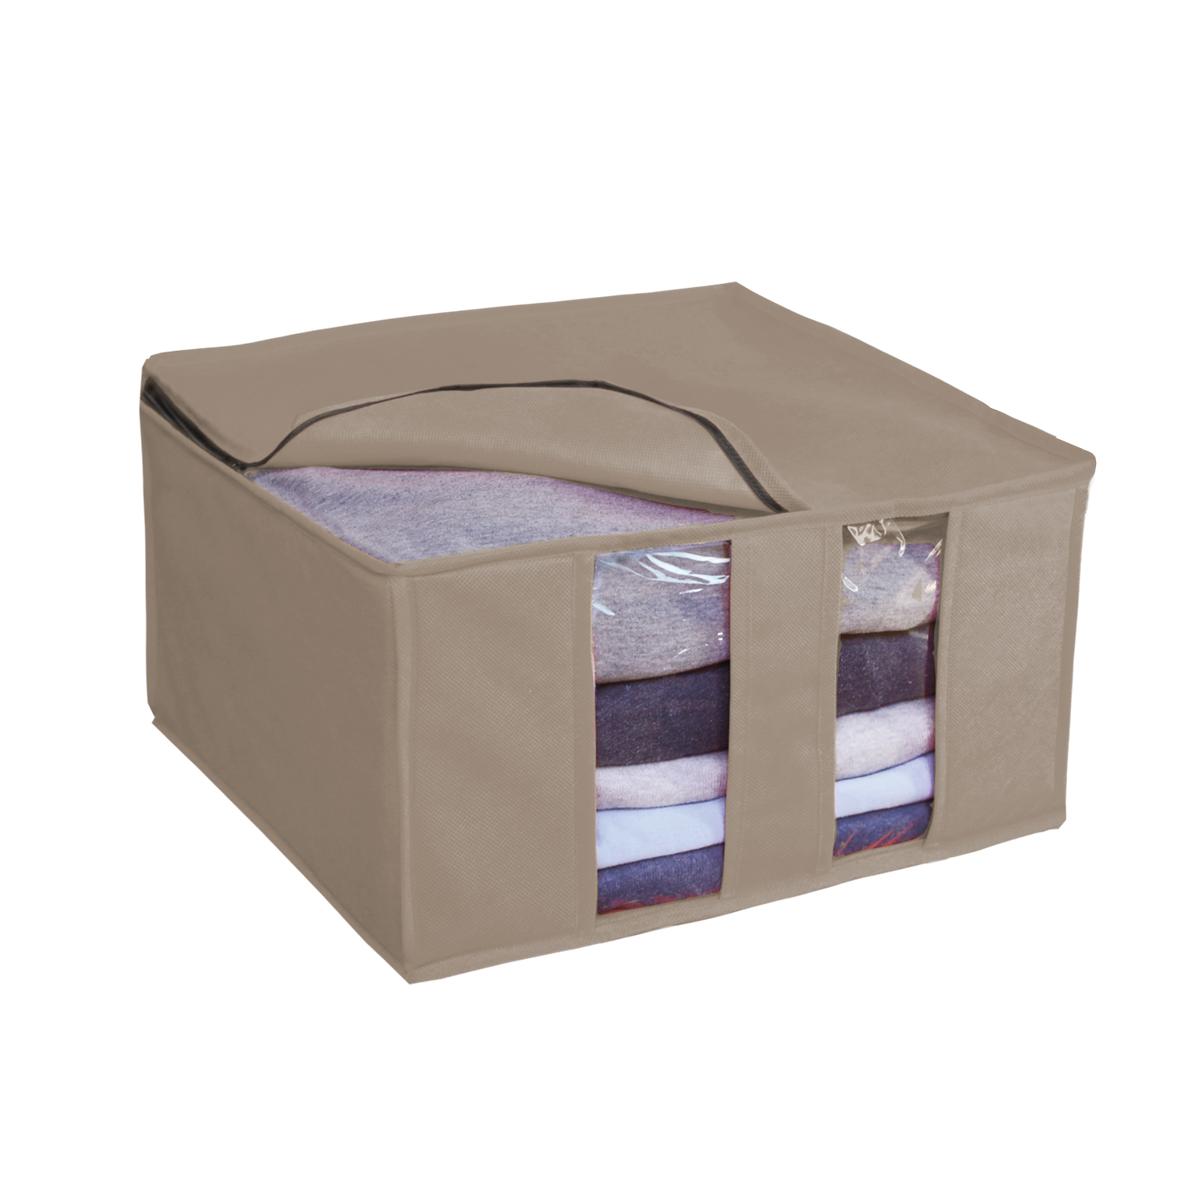 Кофр для хранения Miolla, цвет: бежевый, 40 х 40 х 25 смCHL-6-5Ящик раскладной для хранения вещей 40 x 40 x 25 см бежевый